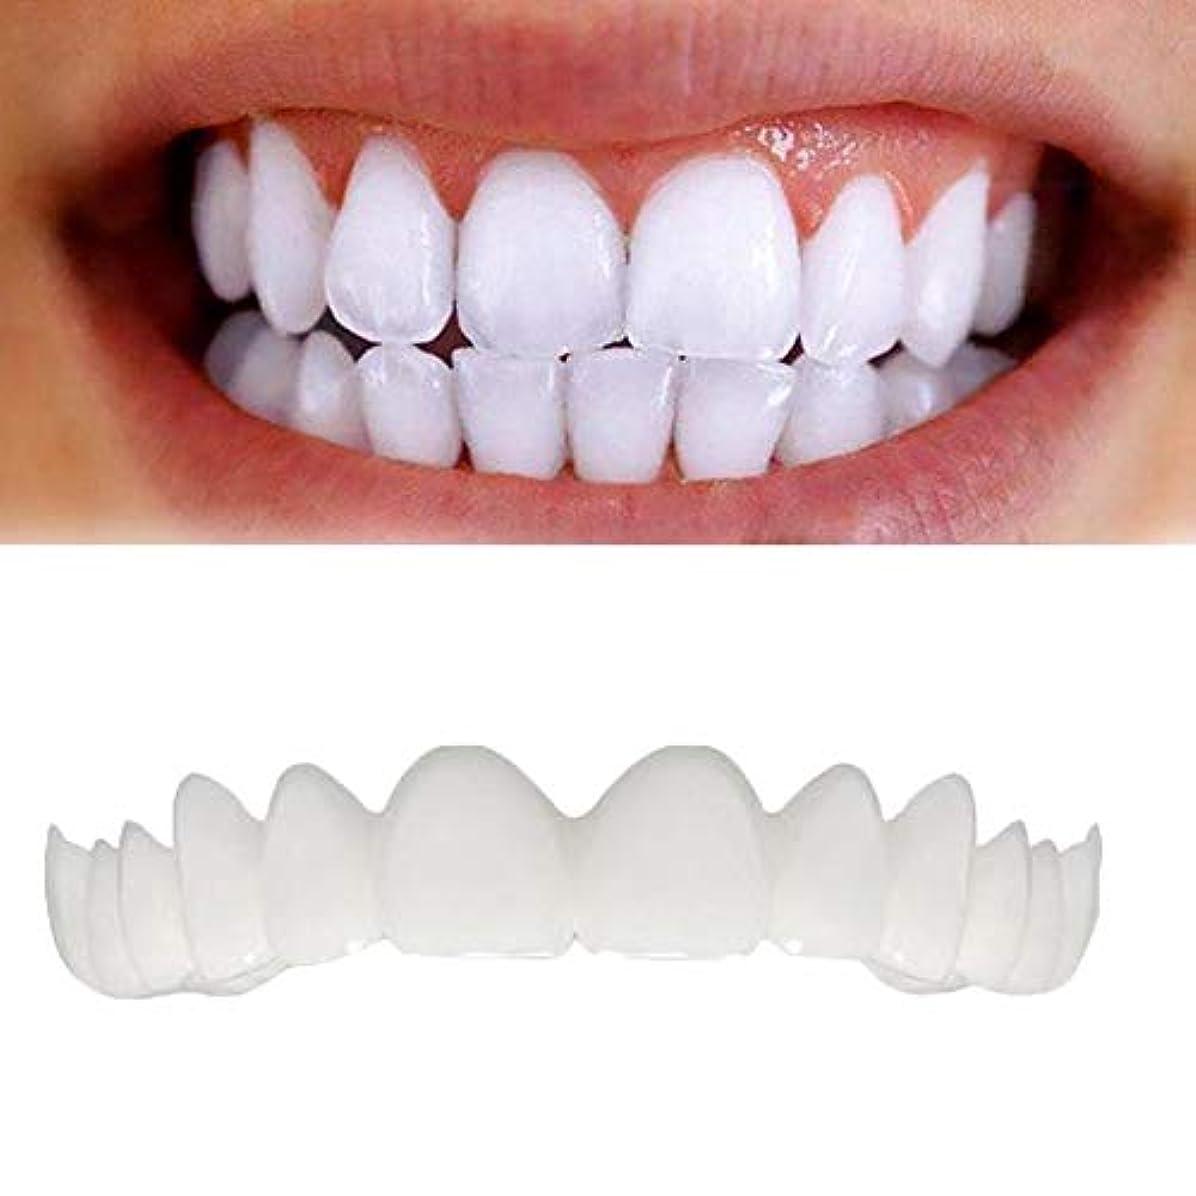 予約動かす本体3組の一時的な化粧品の歯入れ歯の歯の化粧品のシミュレーションのブレースの上部のブレース+下部のブレース、瞬時に快適な柔らかい完璧なベニヤ,3Upperteeth+Lowerteeth